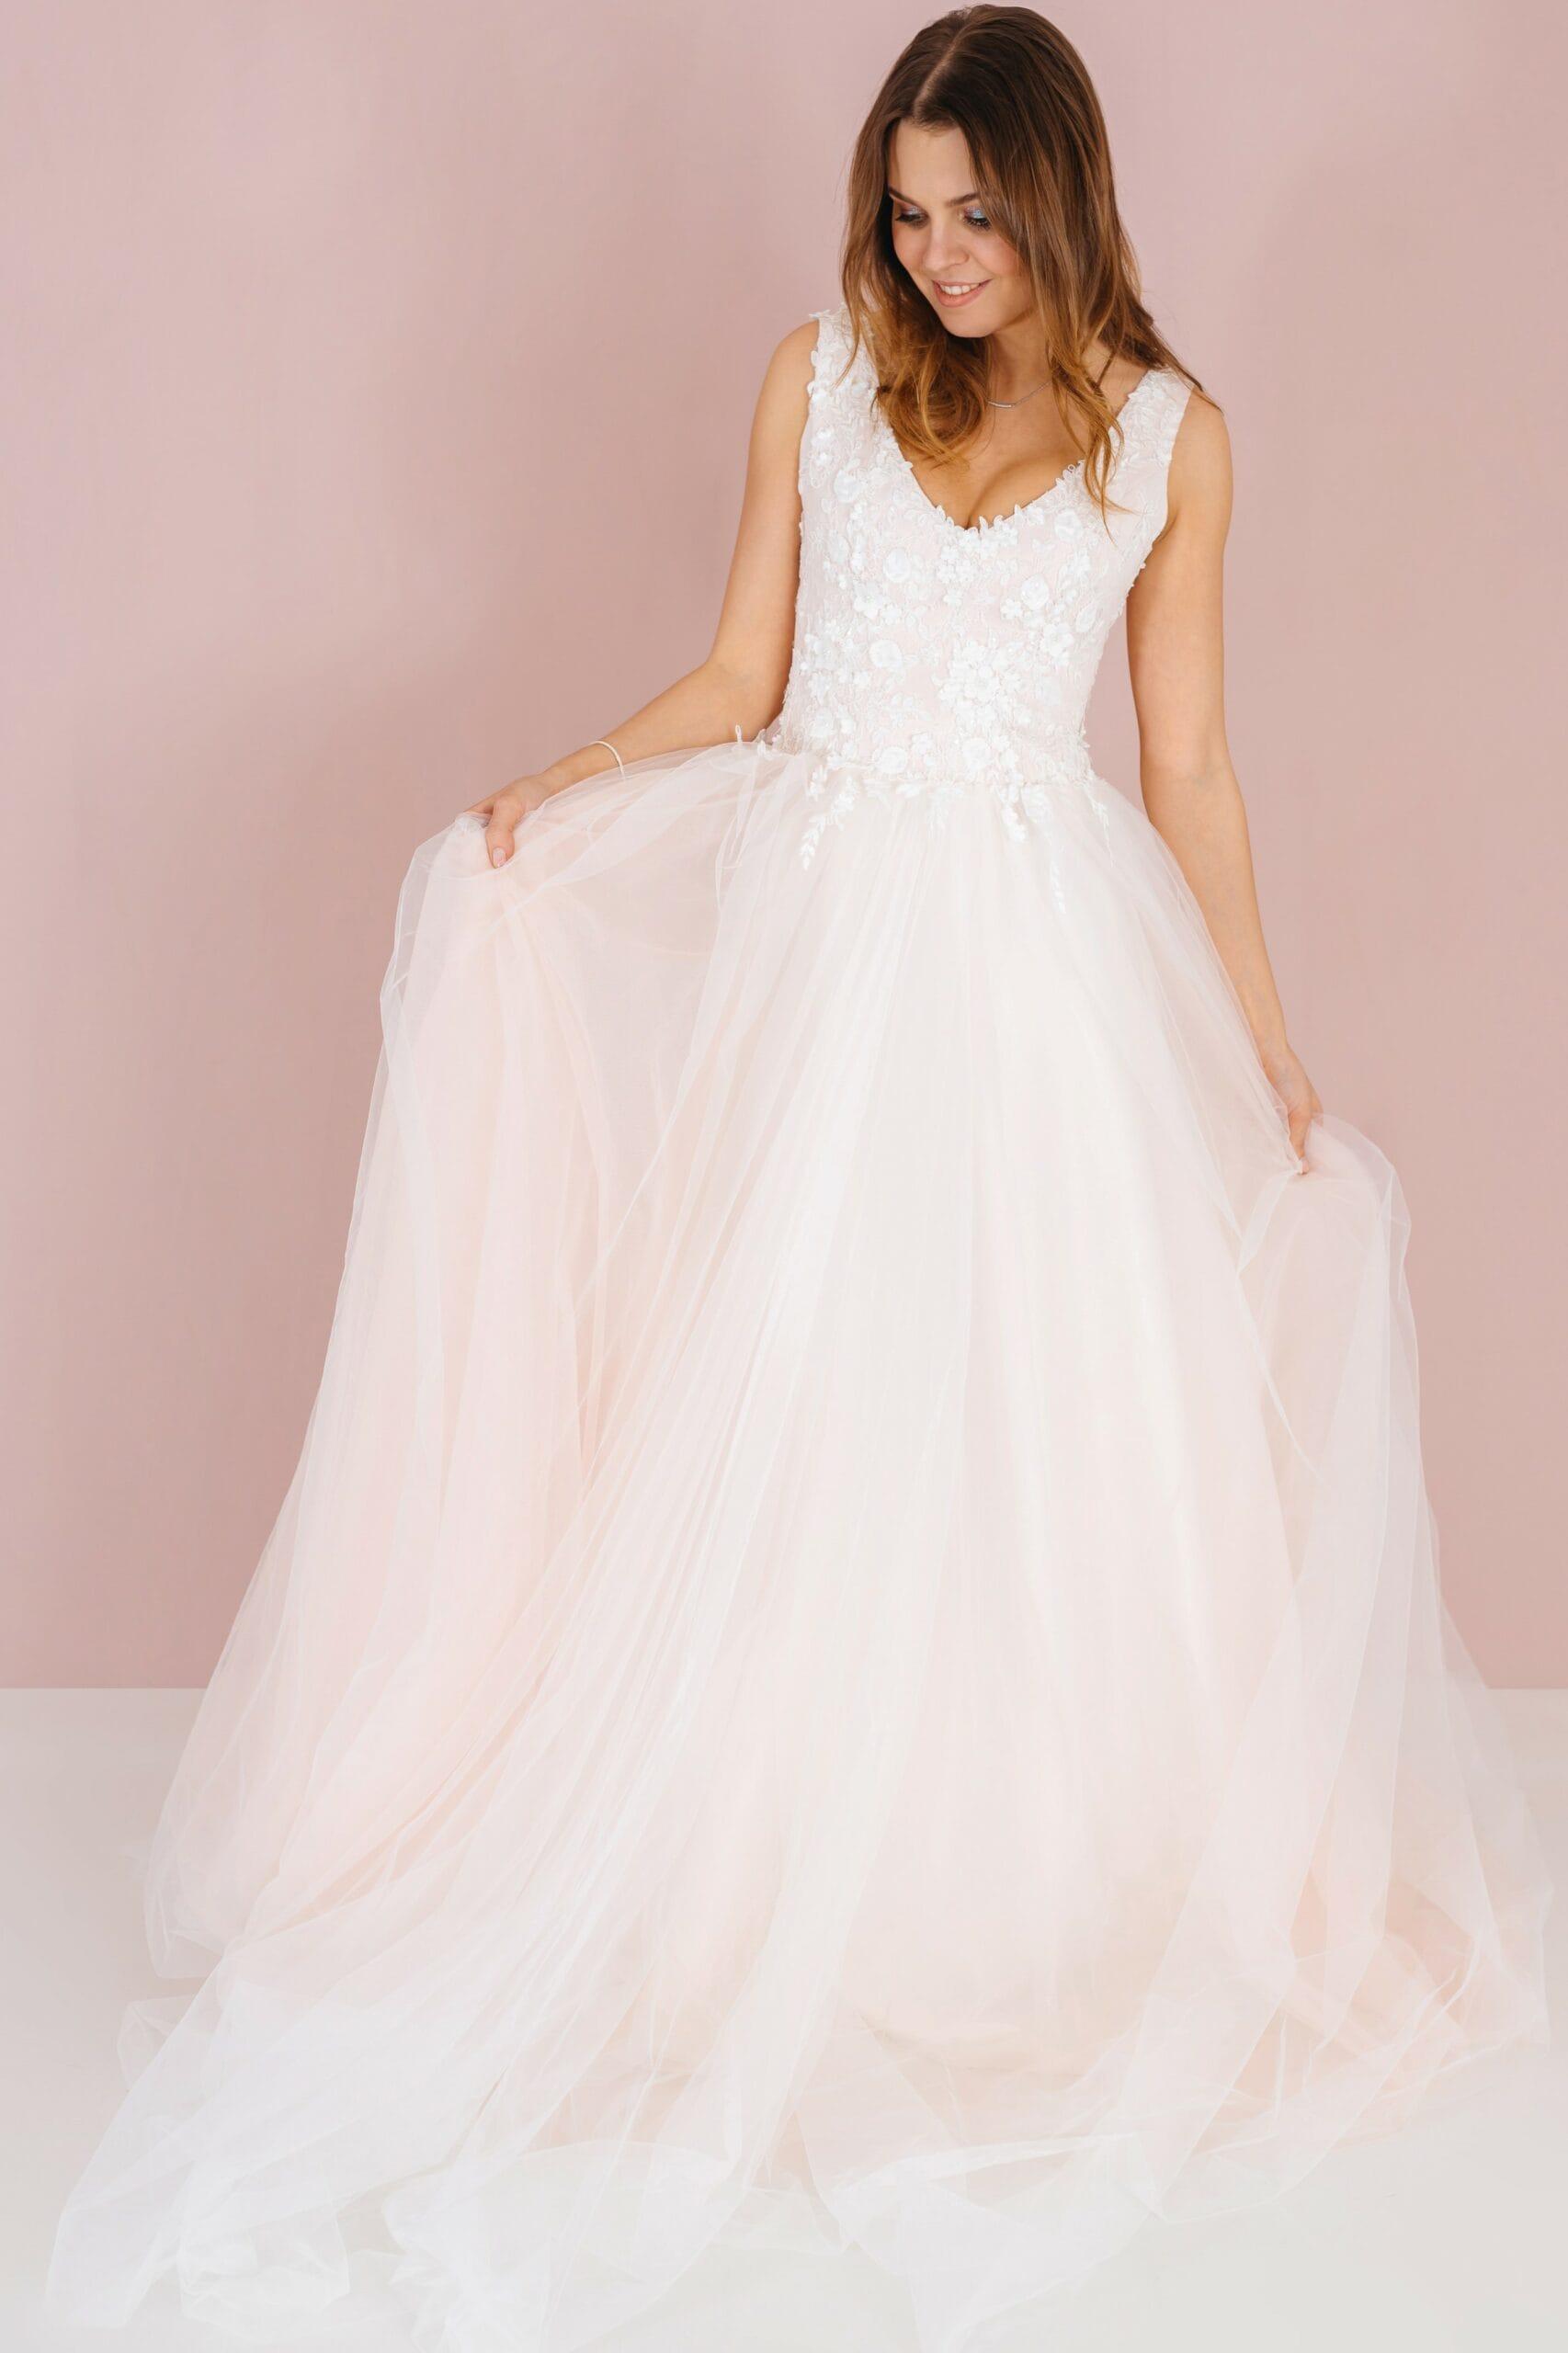 Свадебное платье LASSIE, коллекция LOFT, бренд RARE BRIDAL, фото 1